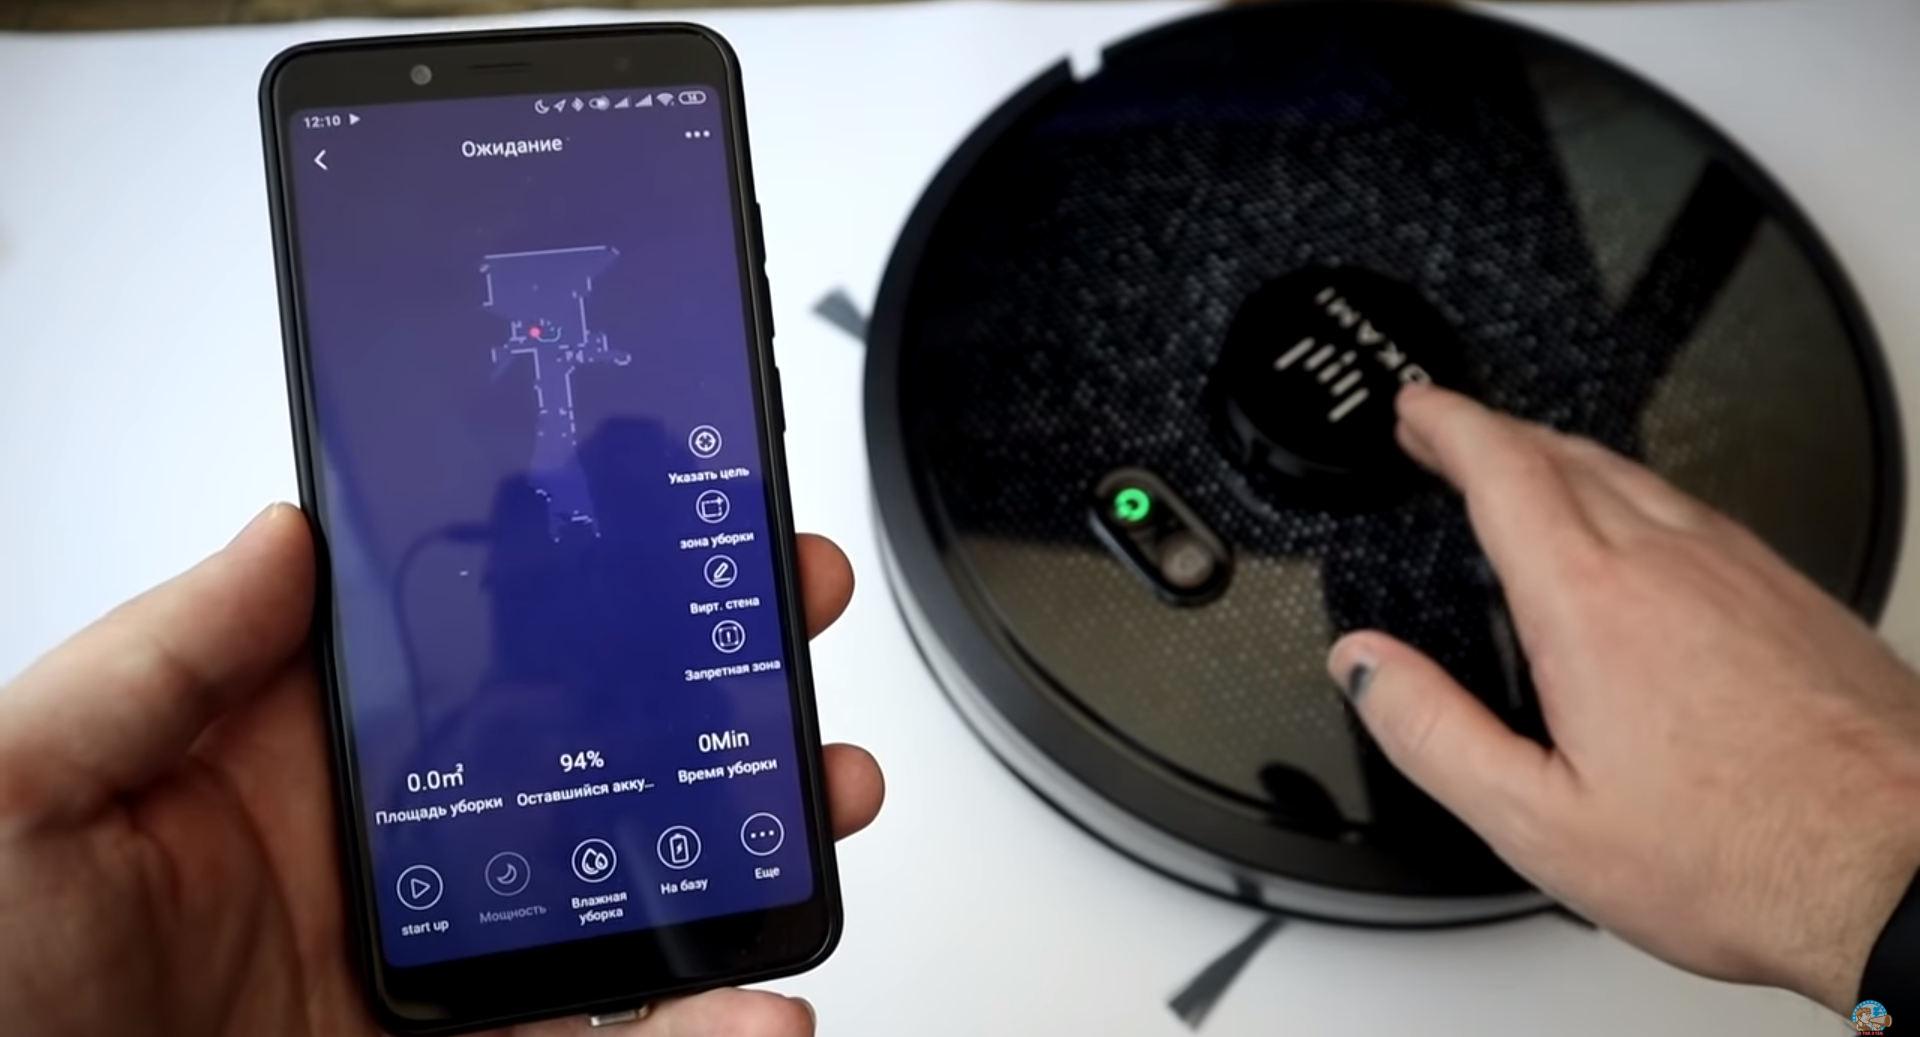 Приложение webpack для робота пылесоса Оками